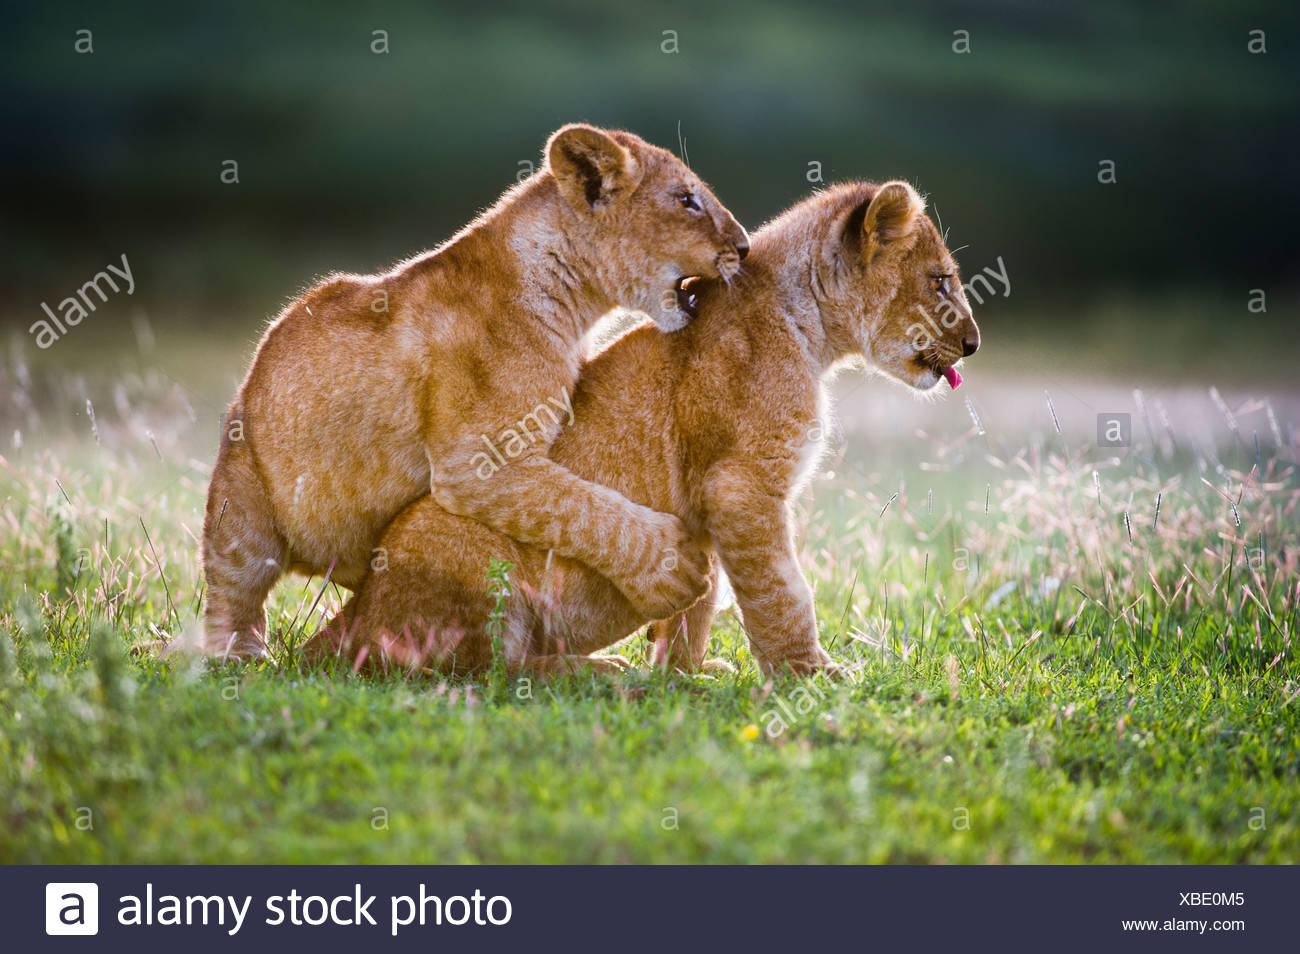 Cachorros de león africano alrededor de 4 mes de edad cub jugando juntos, grandes pantanos, Serengeti, Tanzania Foto de stock